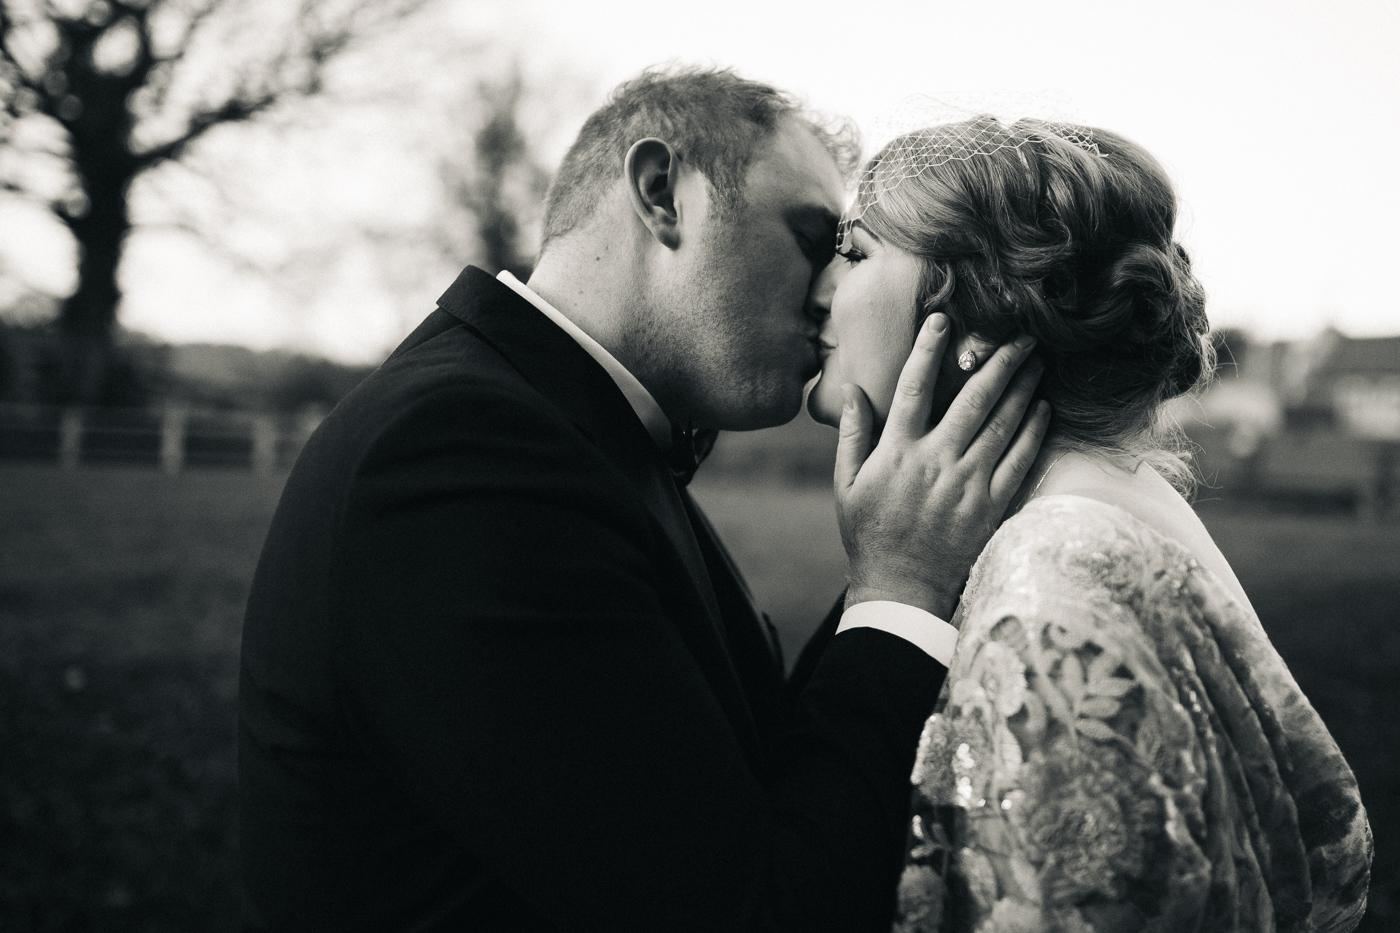 derby-derbyshire-wedding-photographer-creative-white-hart-inn-wedding-0009.jpg